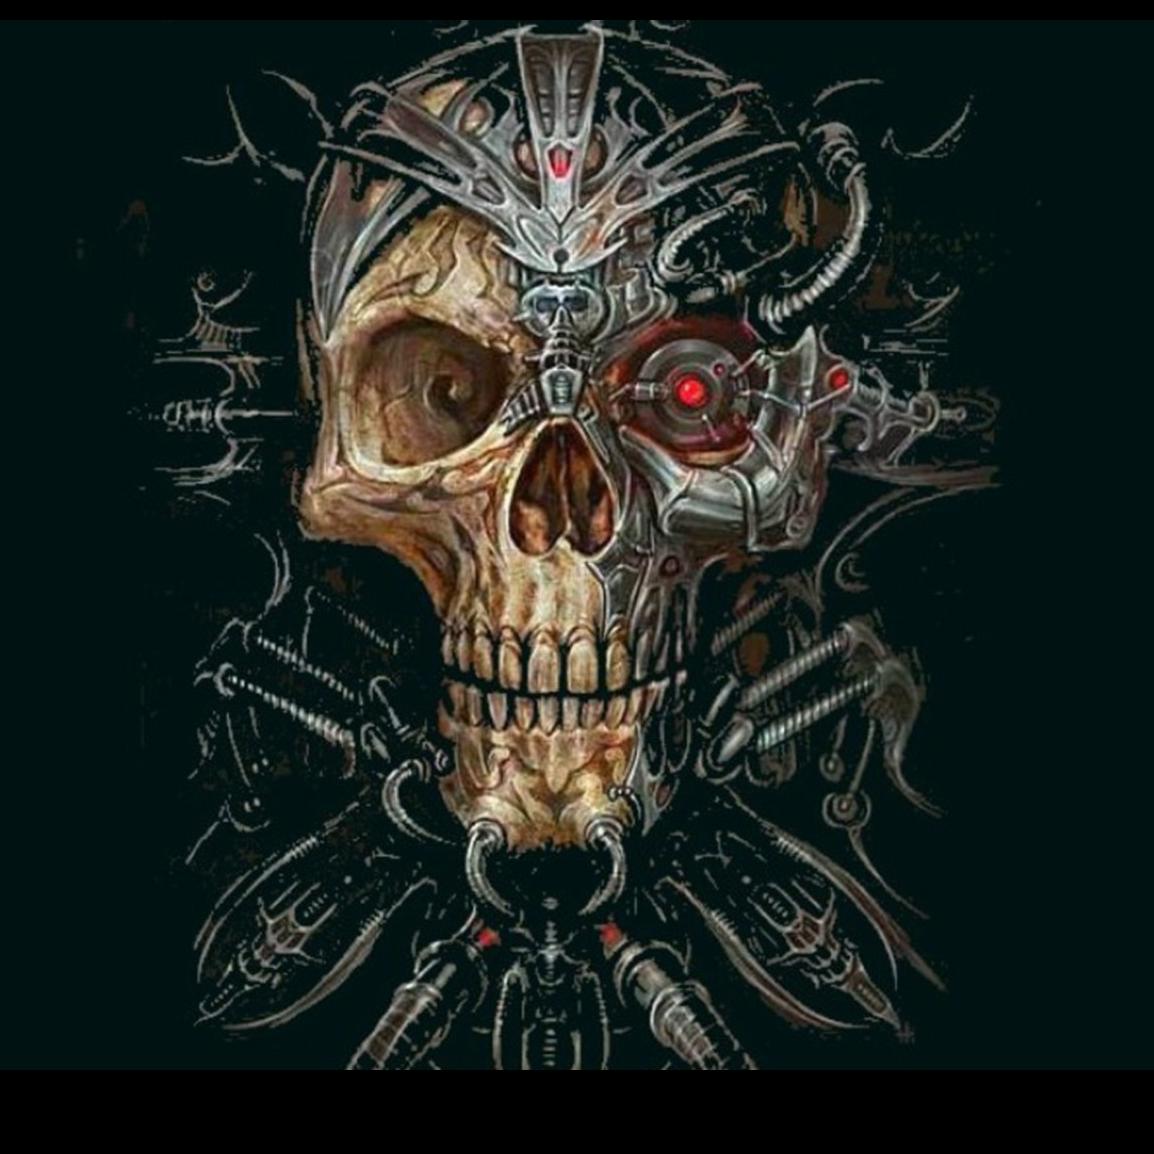 Heavýk Metalový